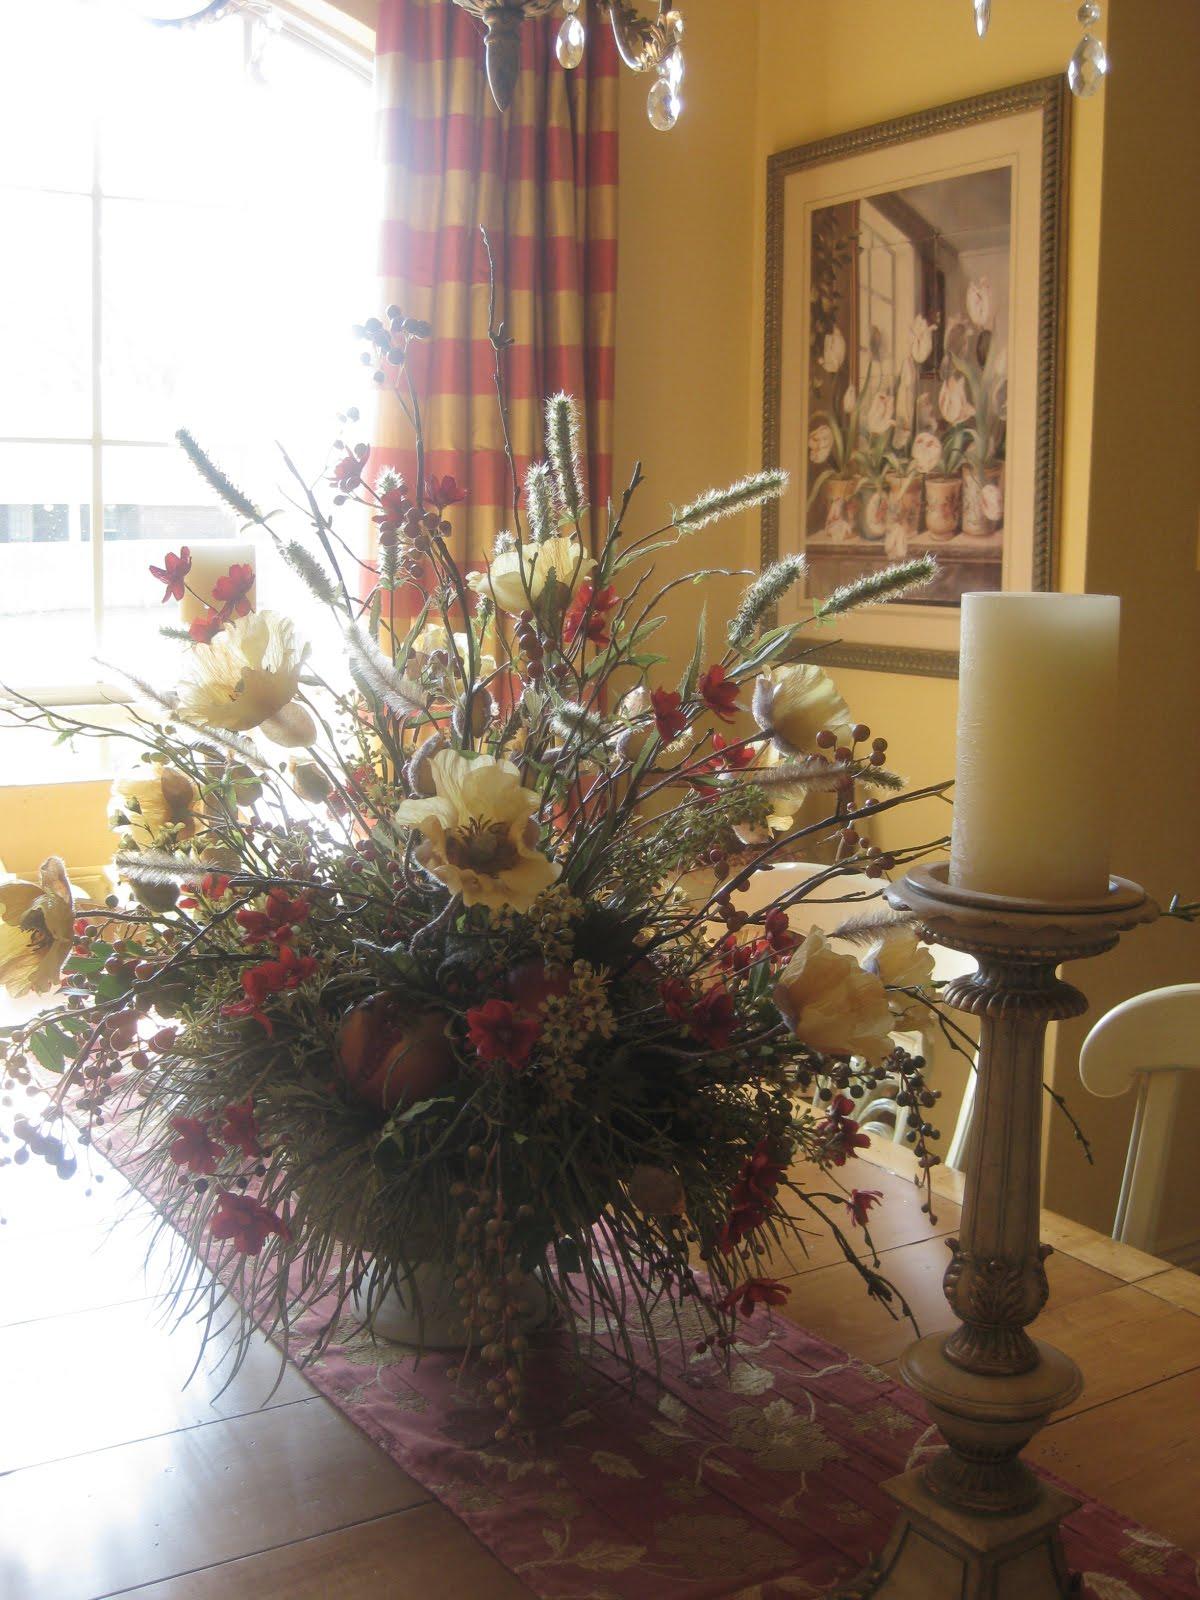 Dining room floral arrangements